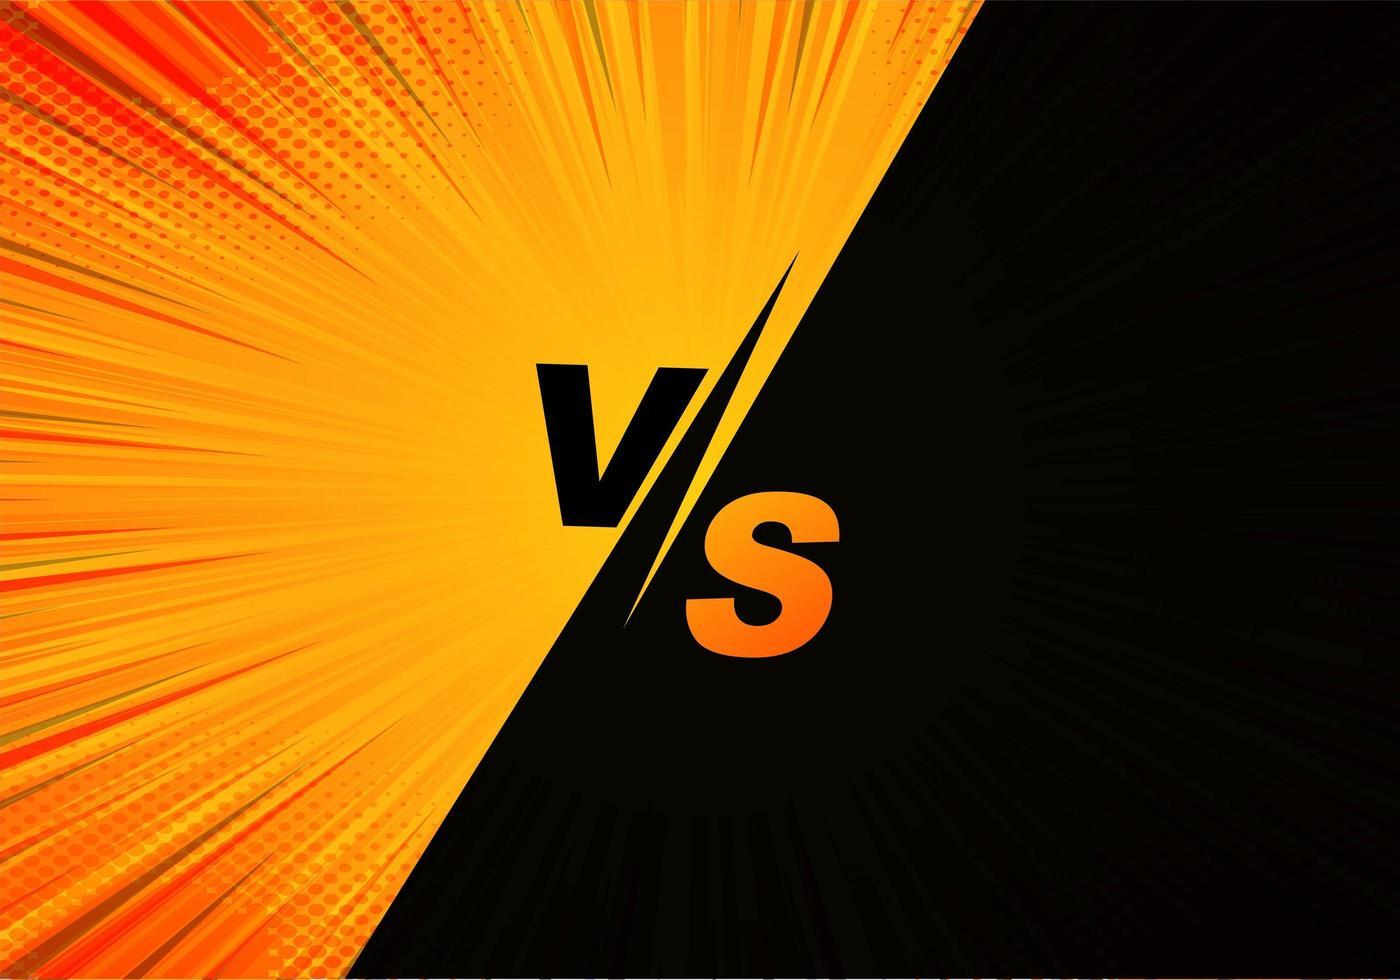 contre écran comique en orange et noir vecteur